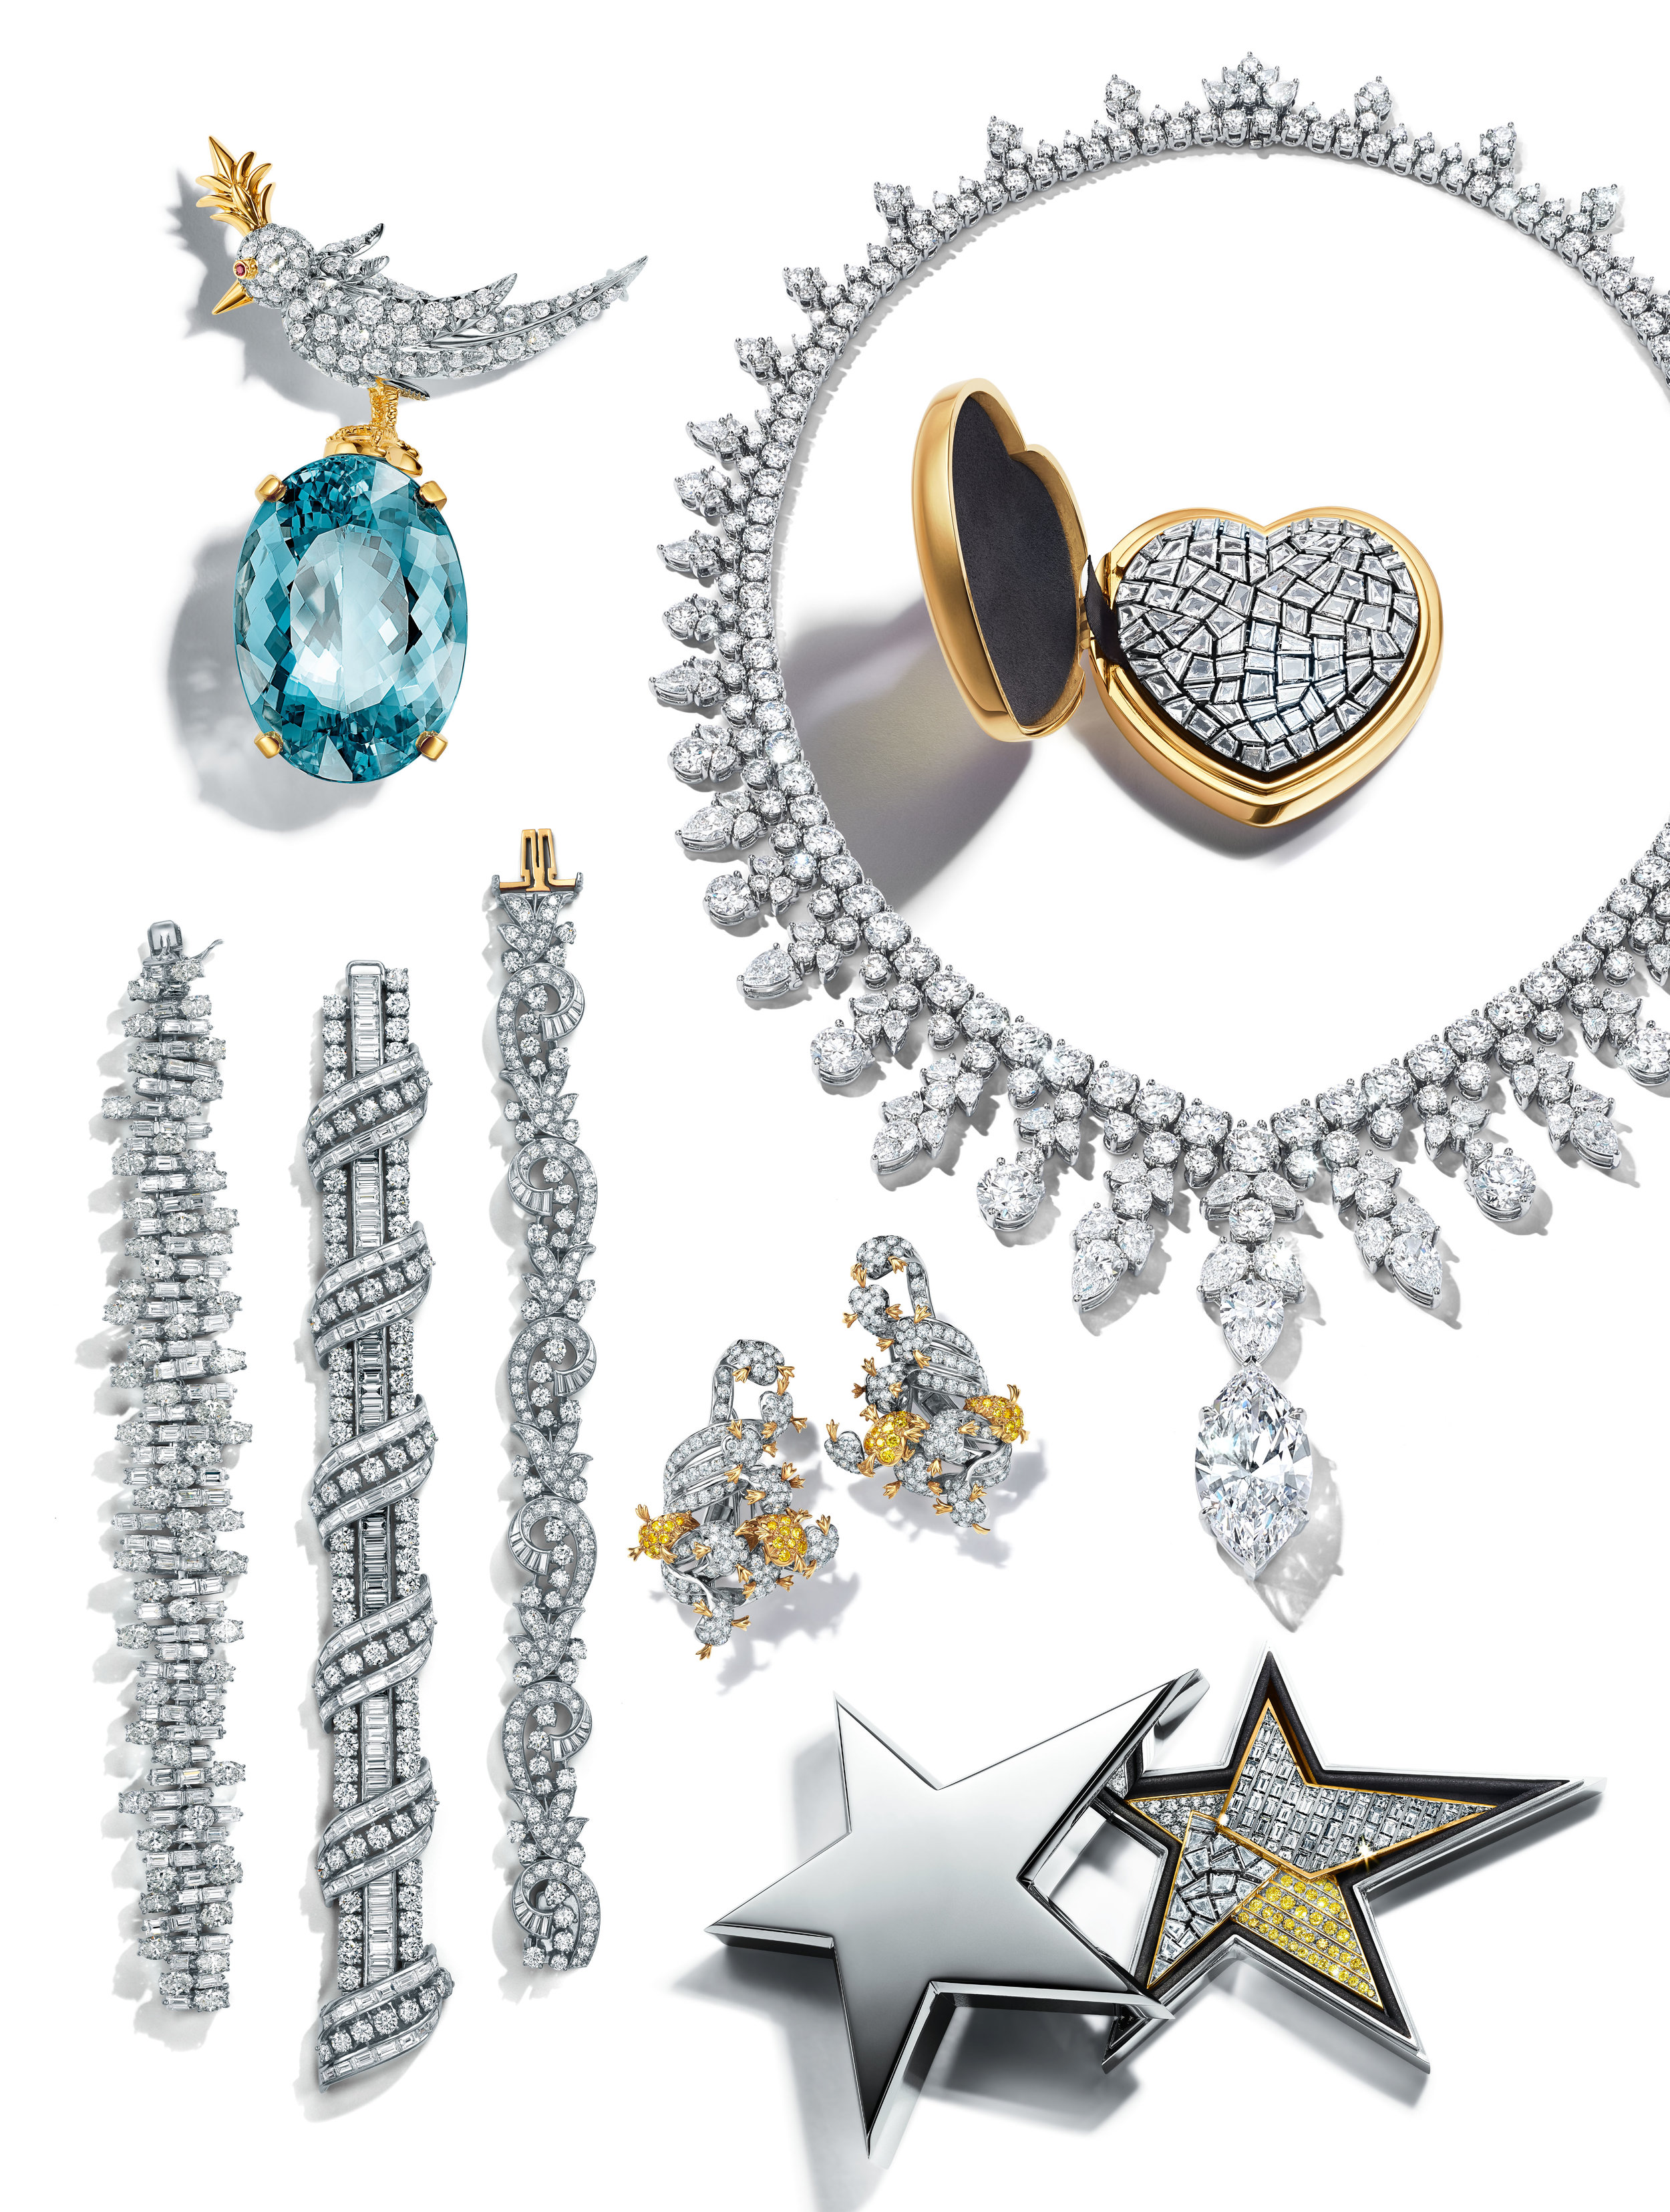 Courtesy of Tiffany & Co.